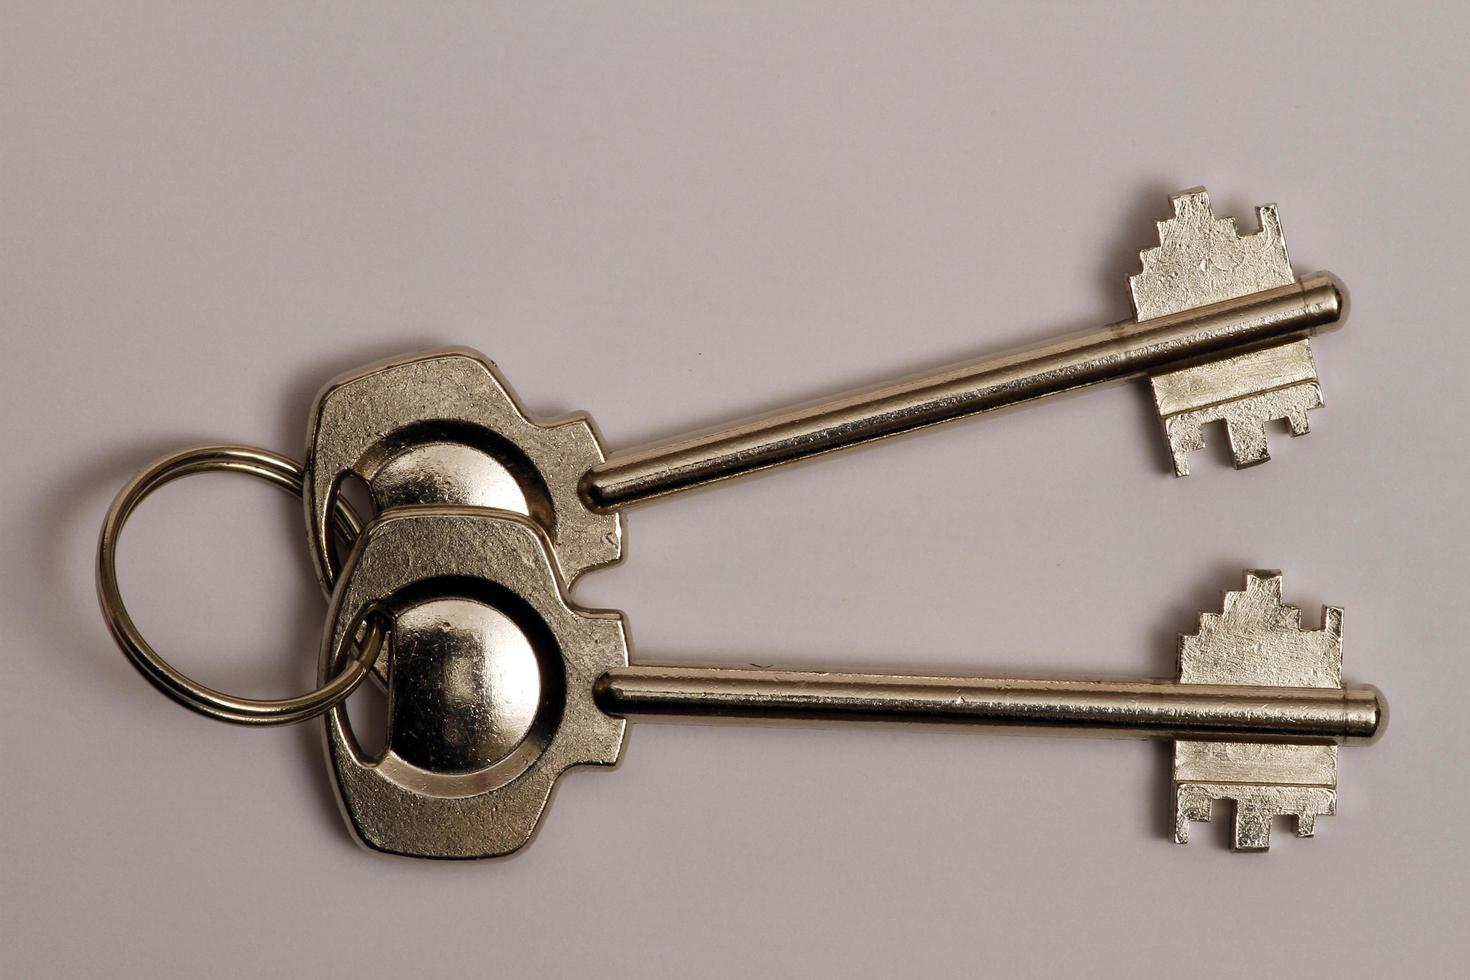 l'ancienne clé de serrure mécanique utilisée dans les portes intérieures des maisons. photo